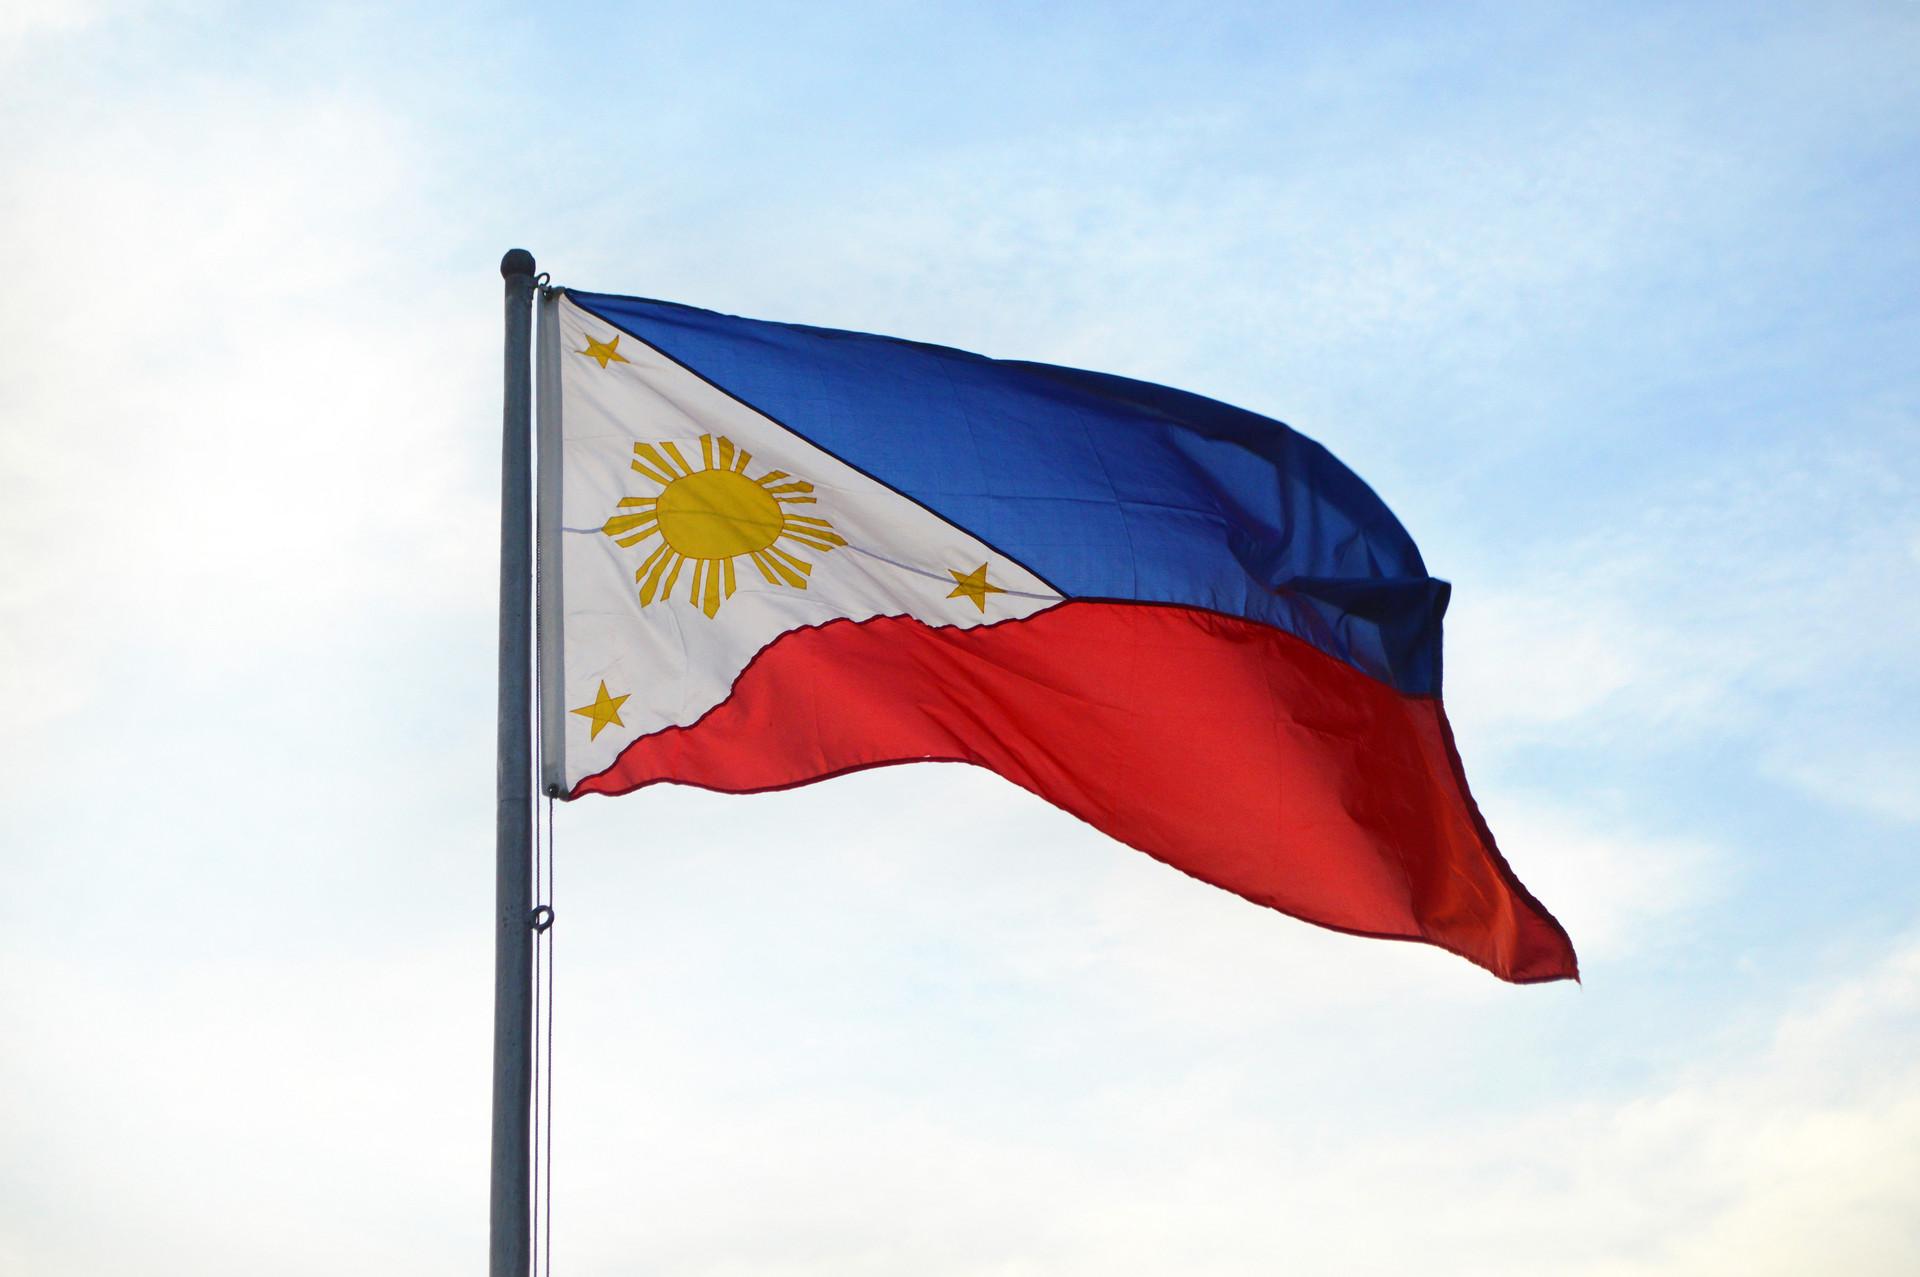 国际快递 寄快递到菲律宾 快递到菲律宾 寄国际快递 寄国际快递到菲律宾 菲律宾国际快递 鹿跃国际快递